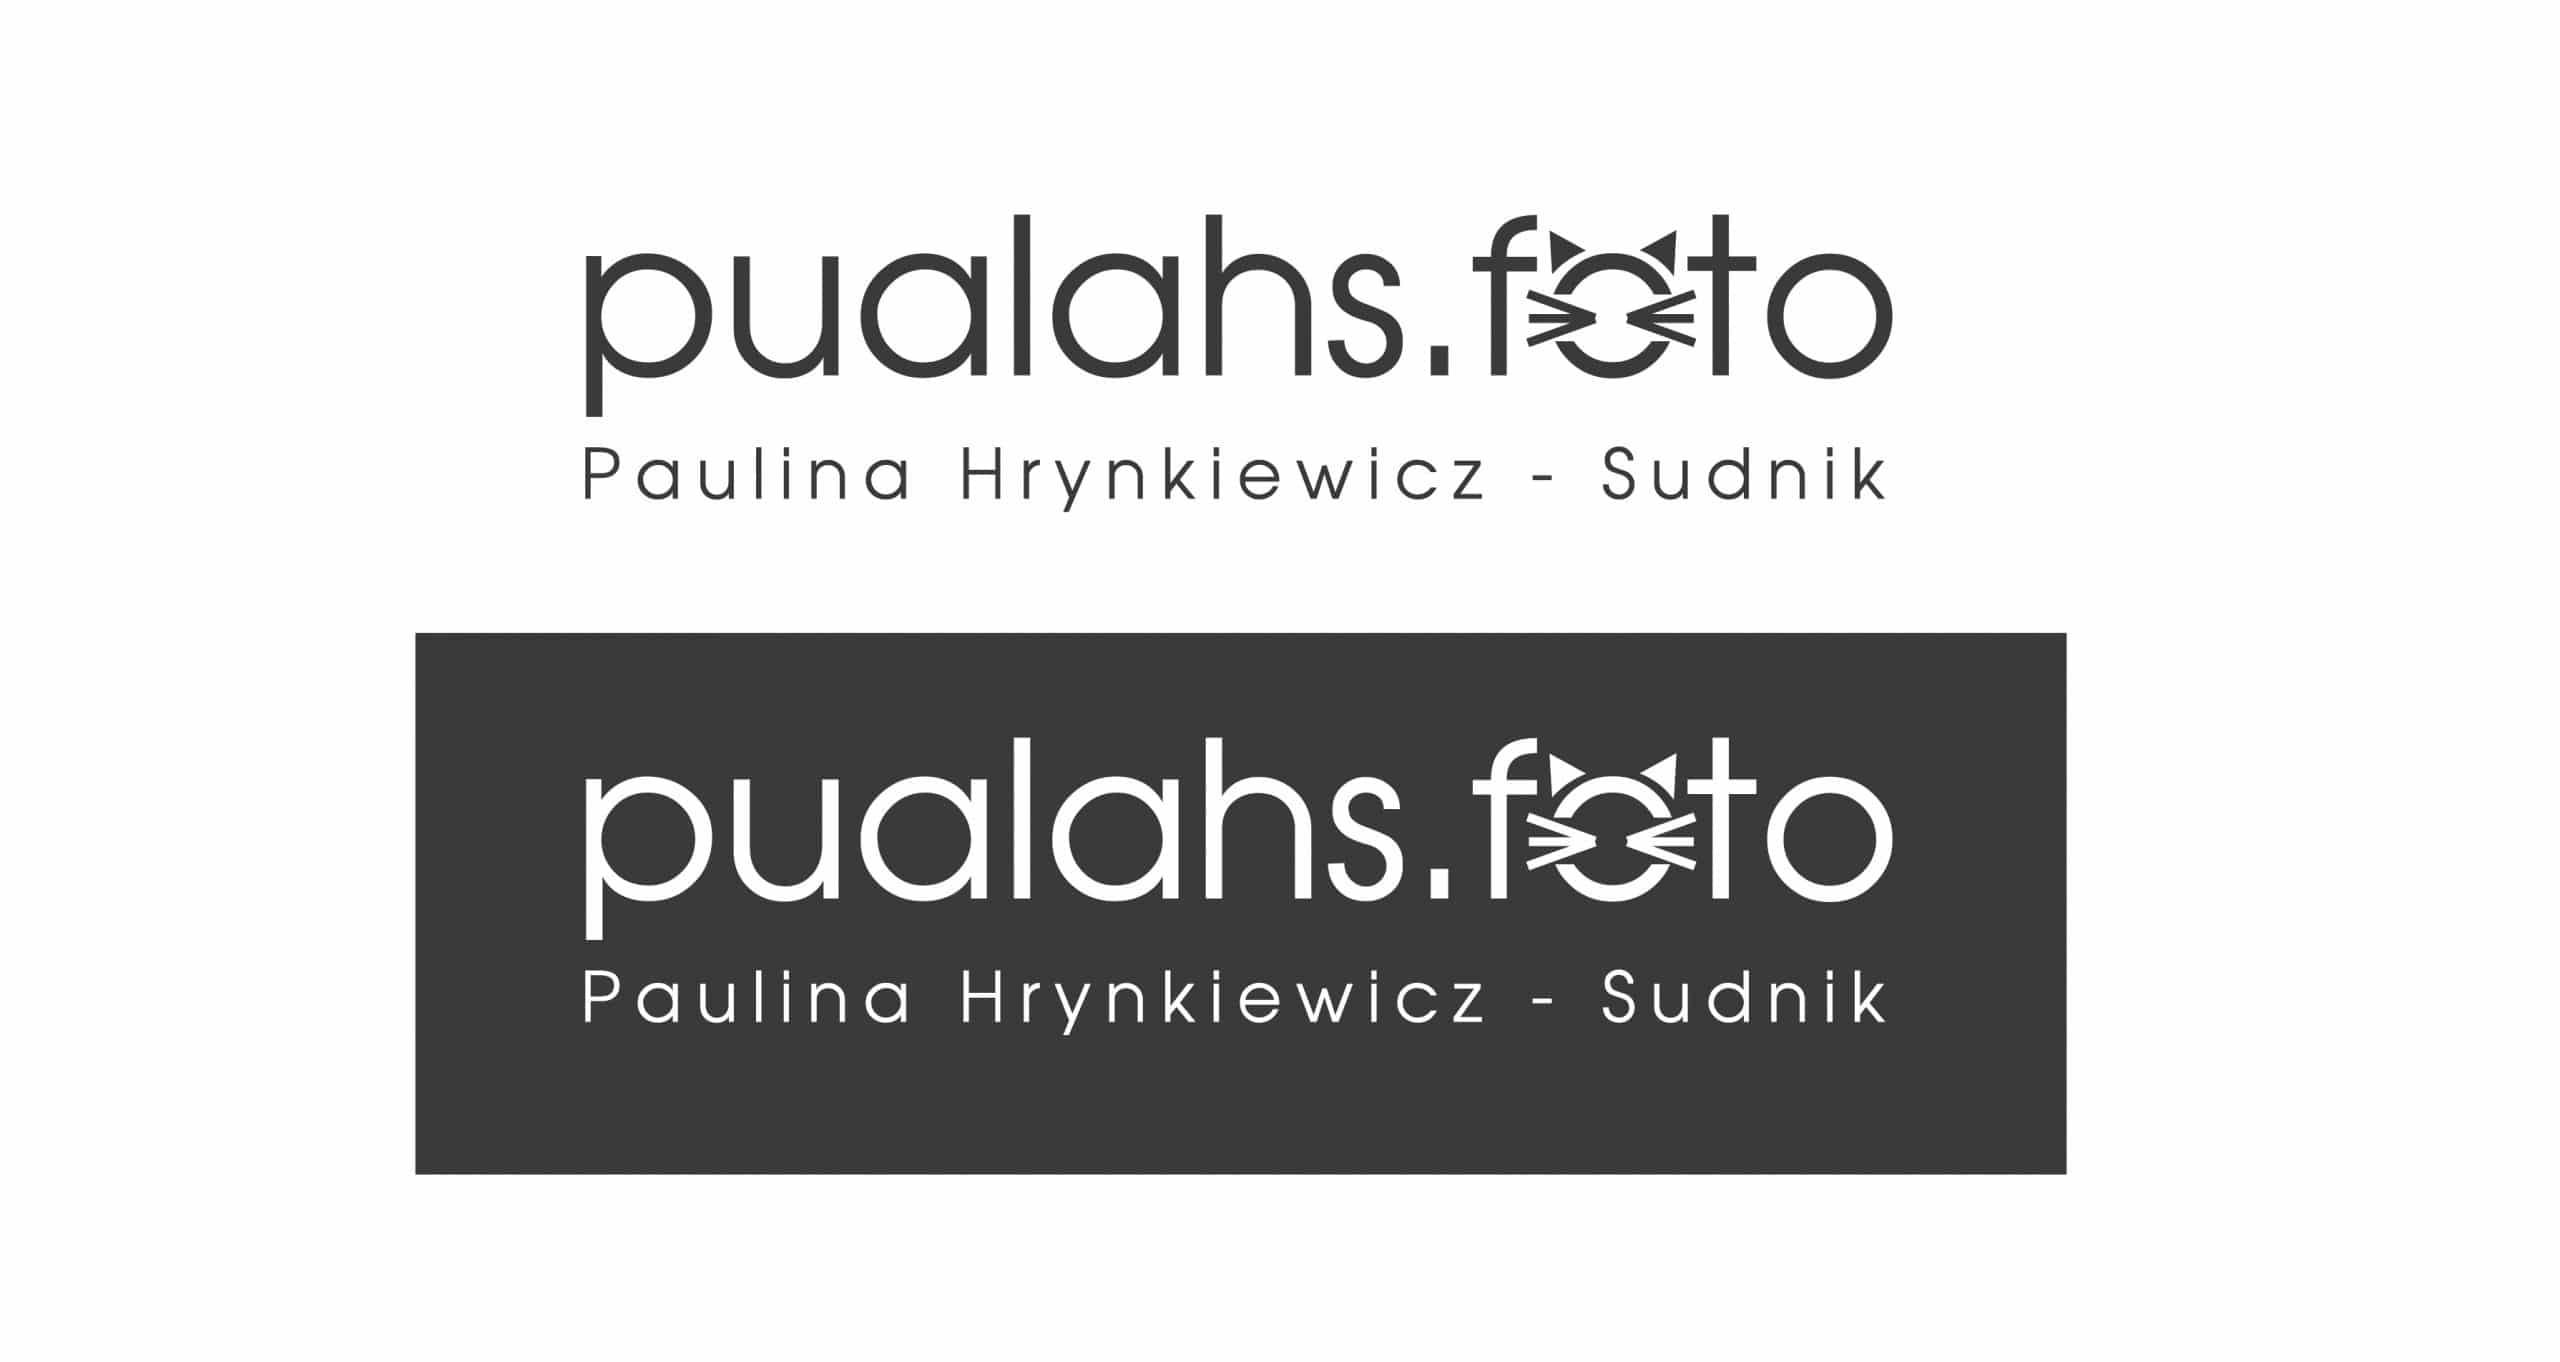 projektowanie logo, logo firmy, wizytówki